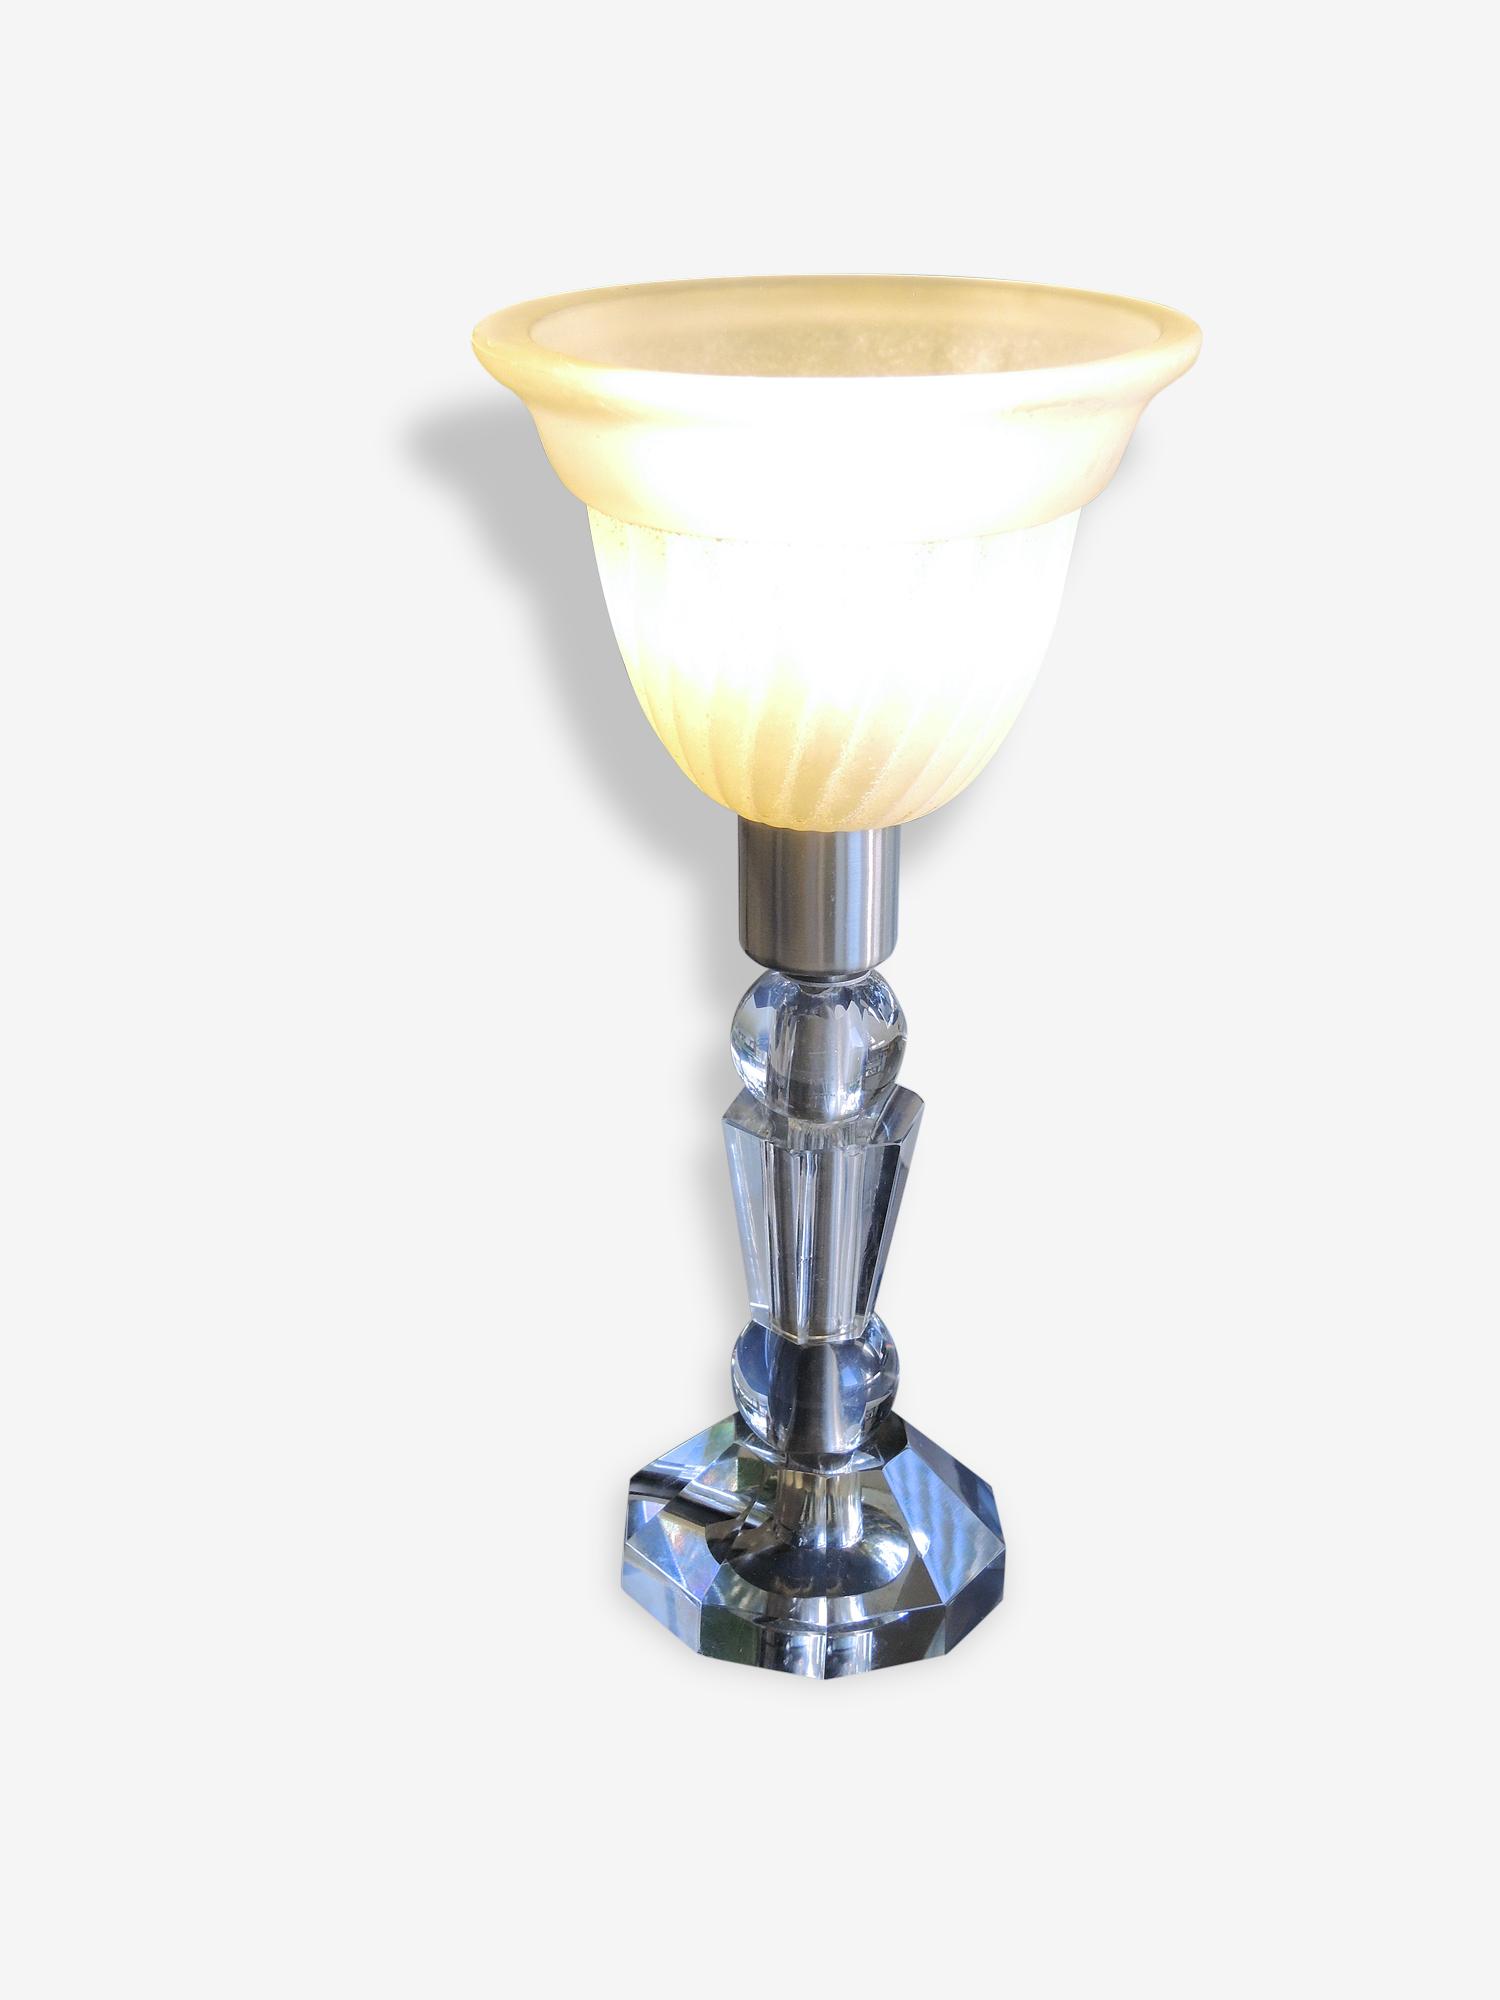 Lampe de chevet verre cristal  taillè et moulé